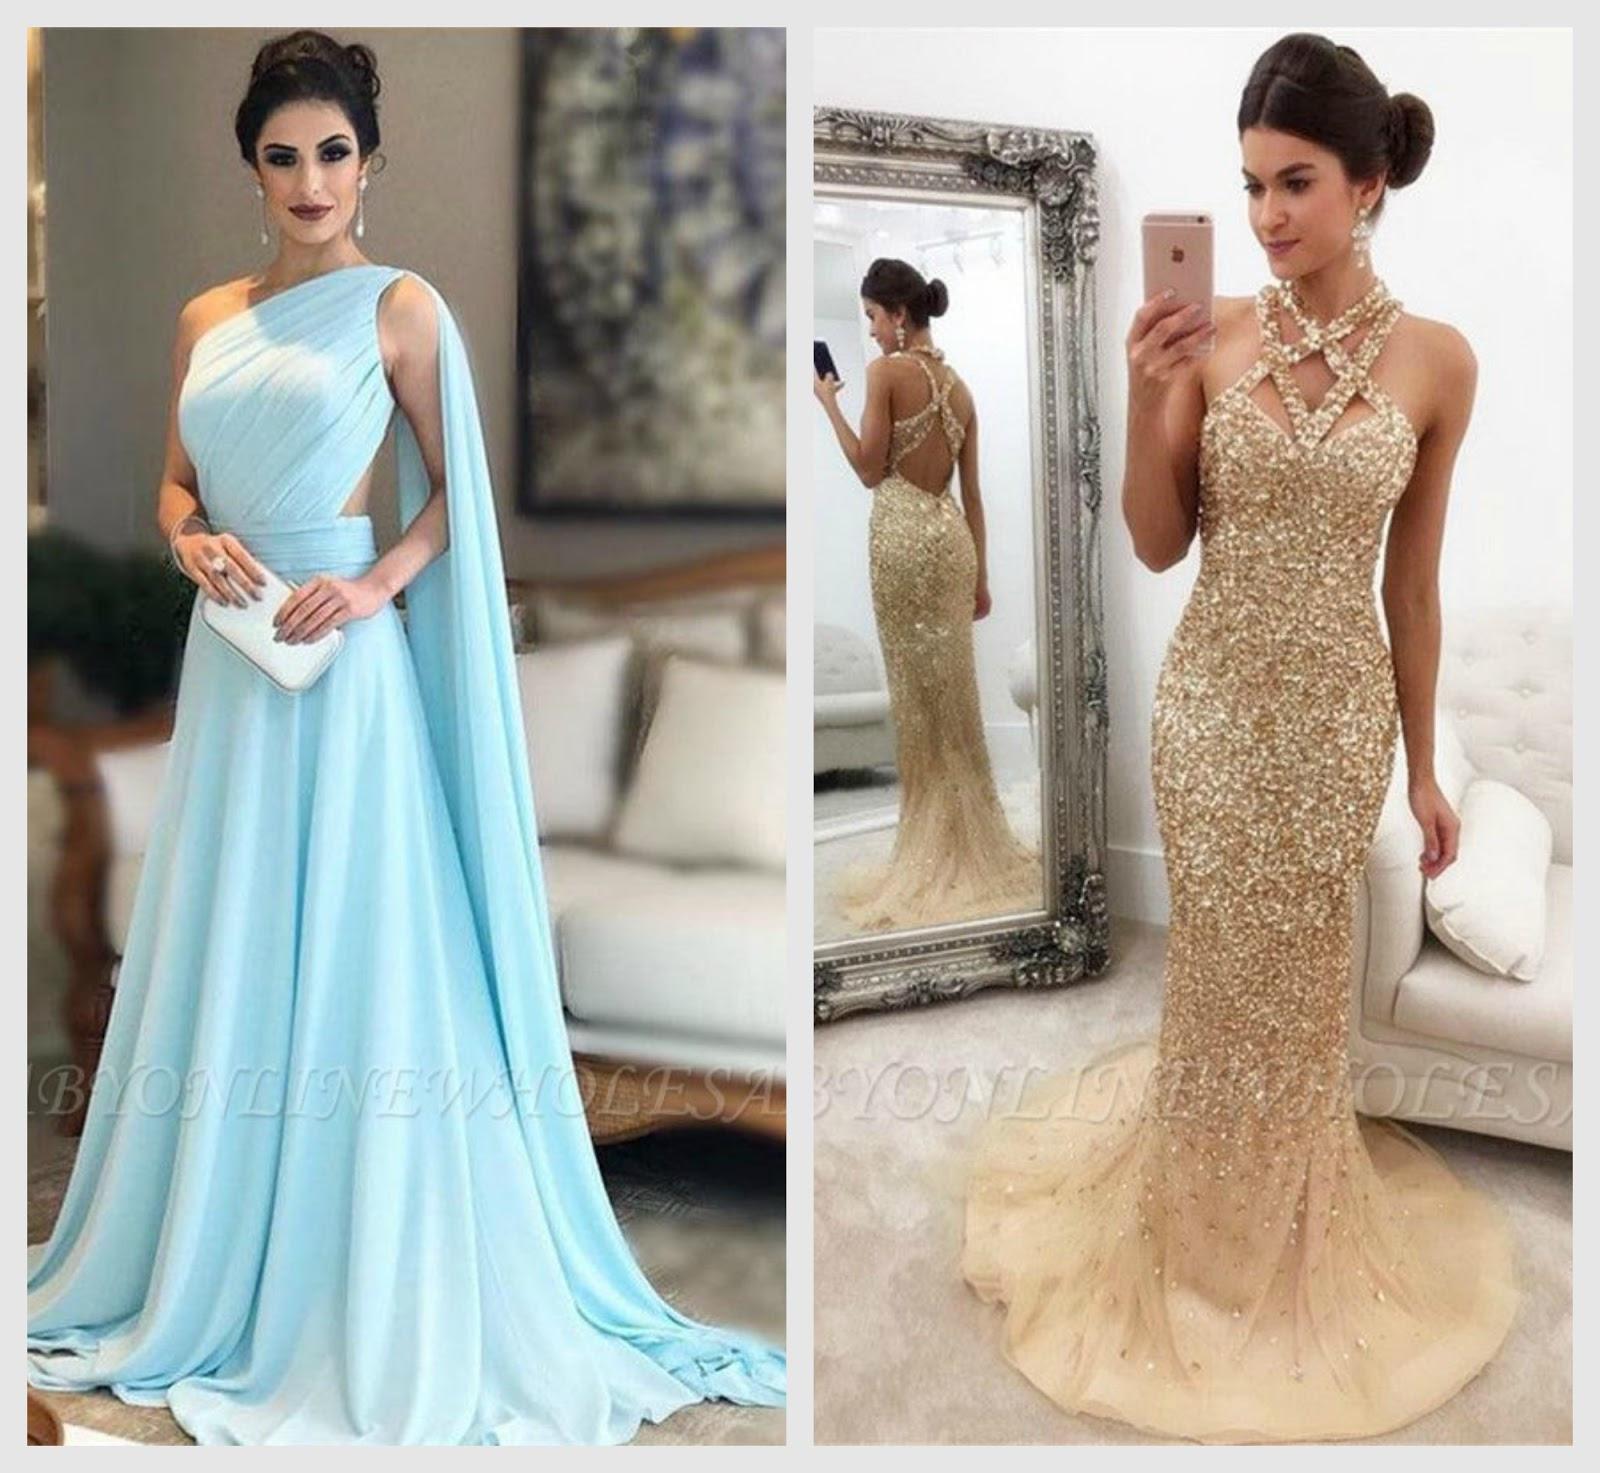 Formal Einzigartig Abendkleider Queen Bester Preis13 Genial Abendkleider Queen Spezialgebiet